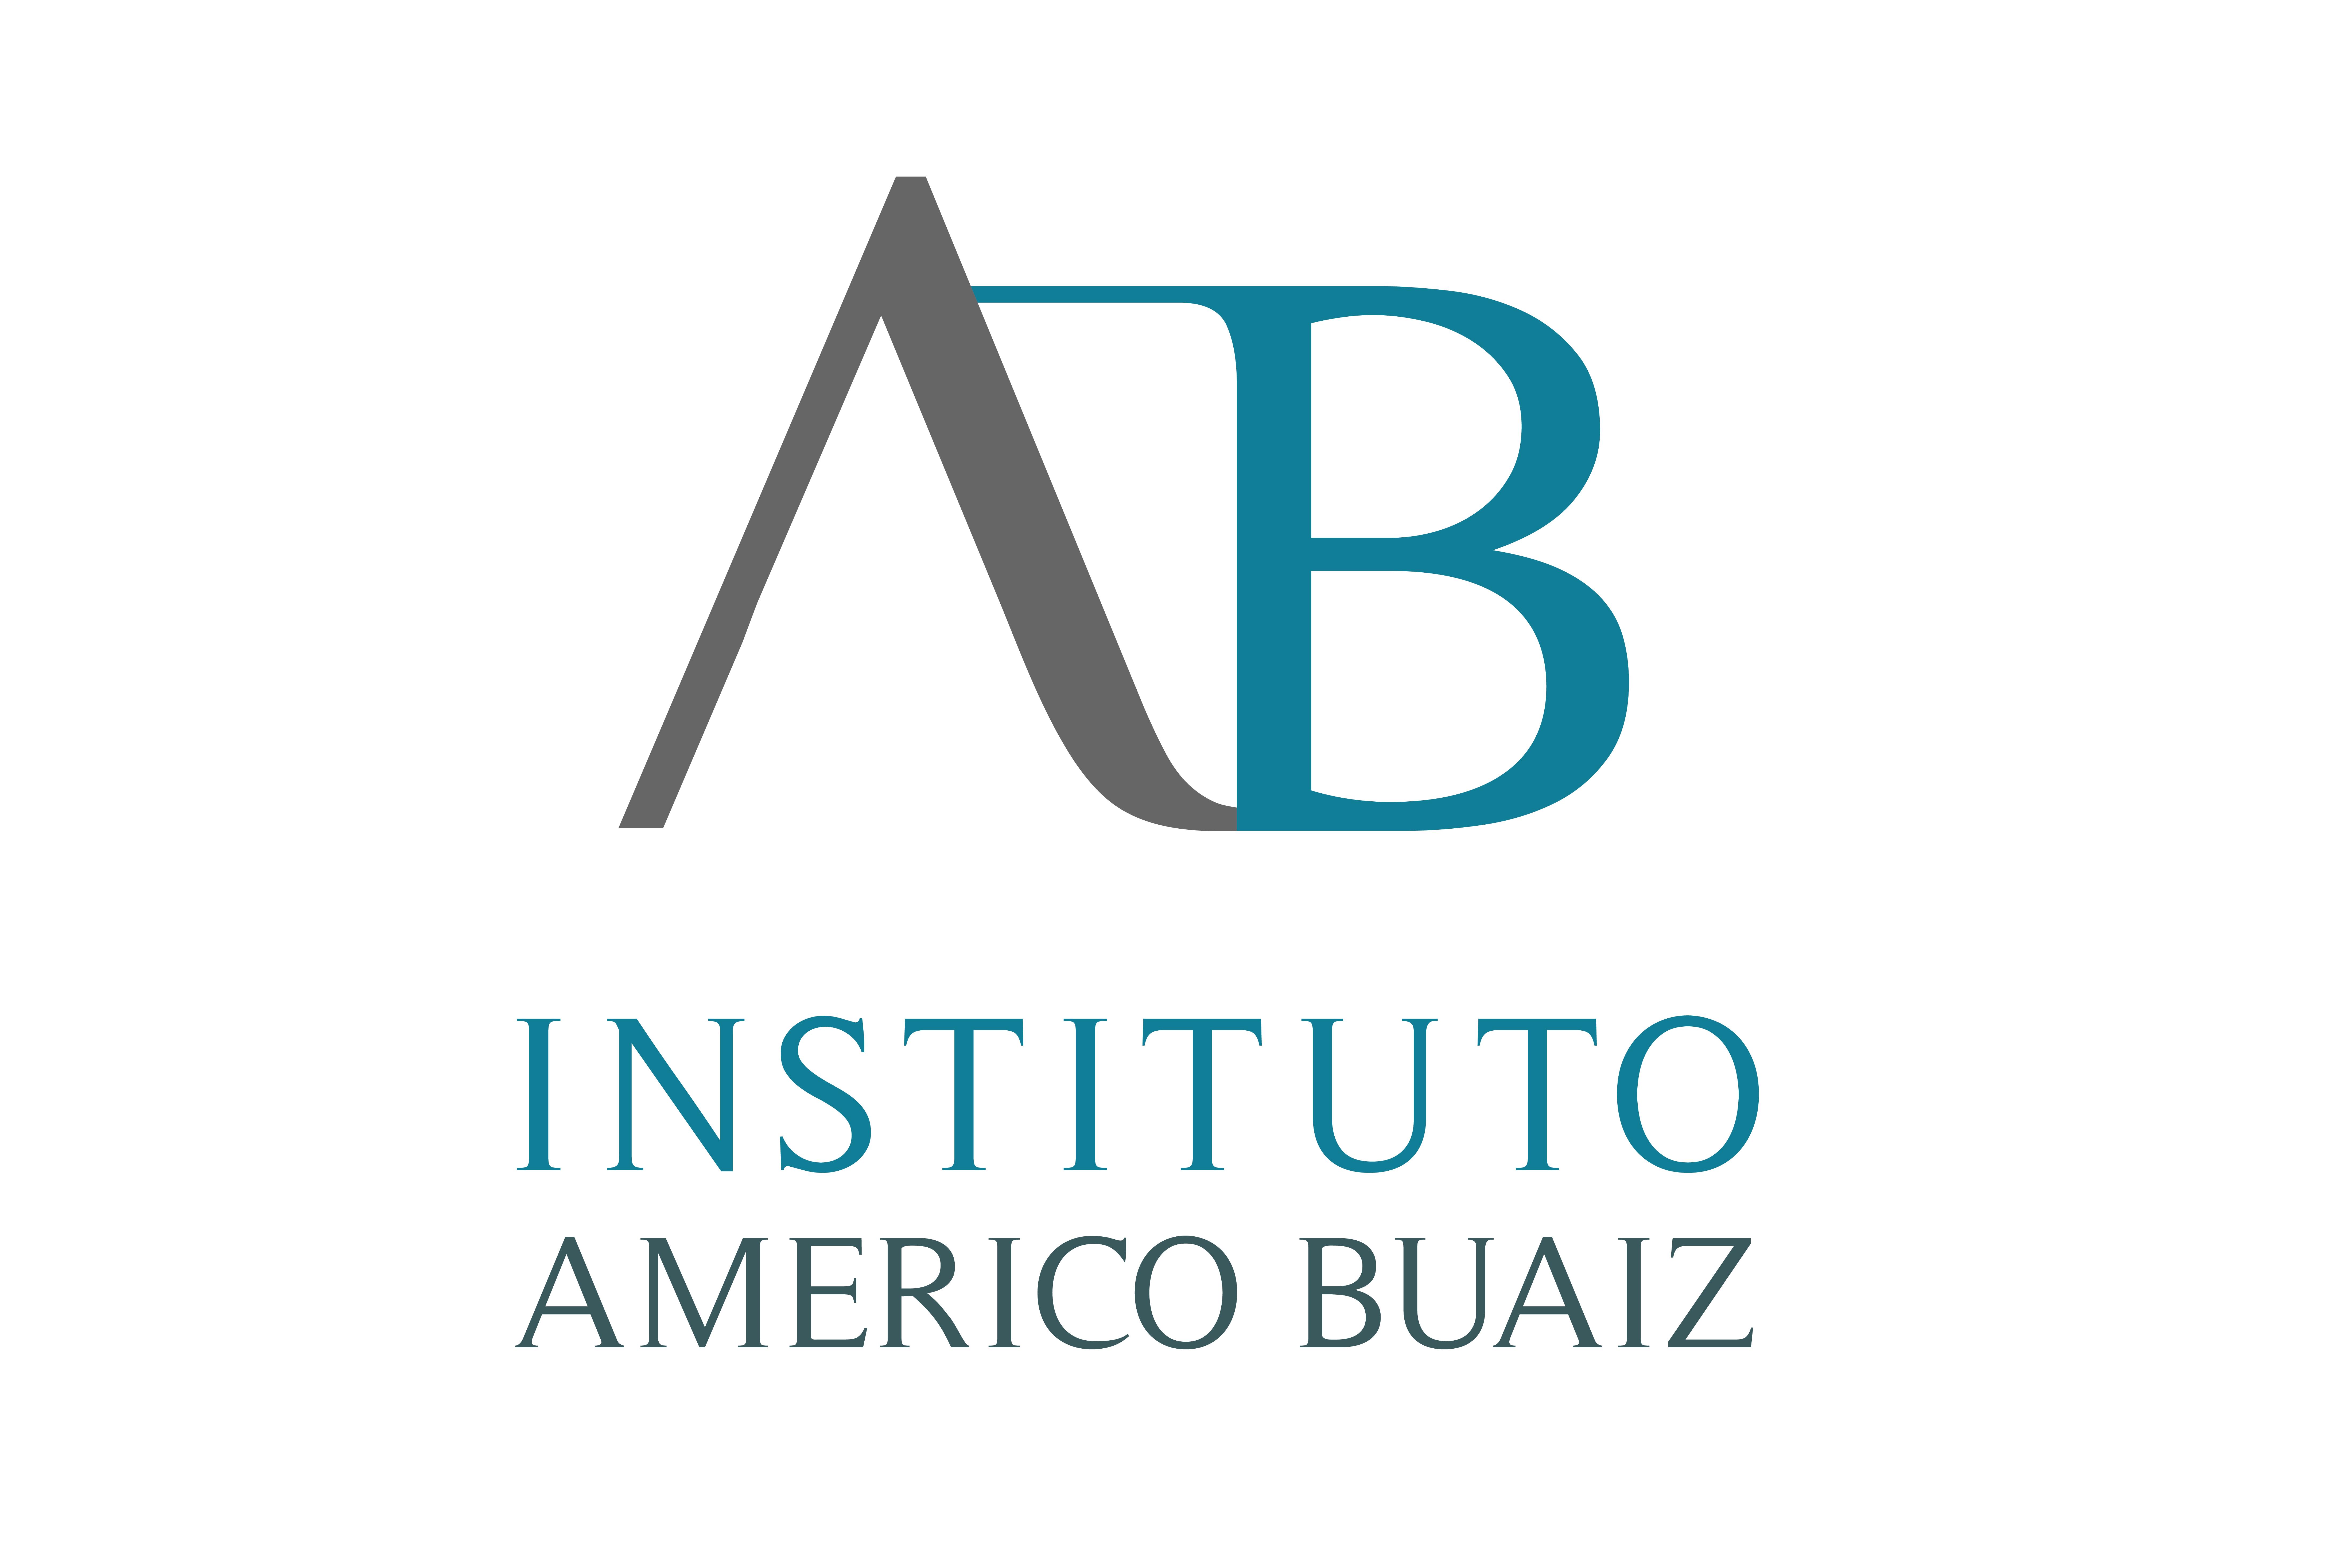 Logotipo Instituto Americo Buaiz